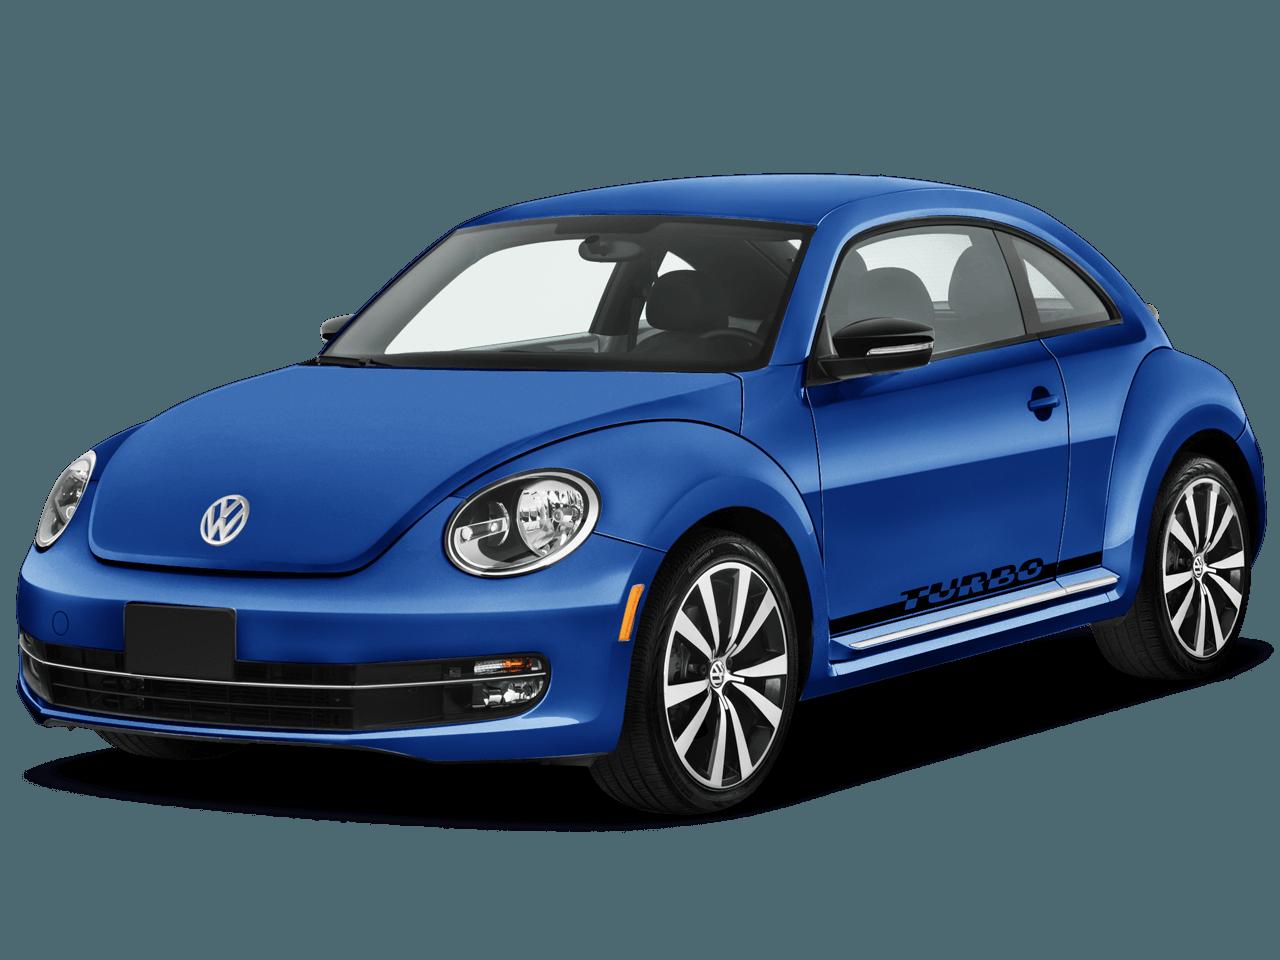 Download Blue Volkswagen Beetle Png Car Image HQ PNG Image.